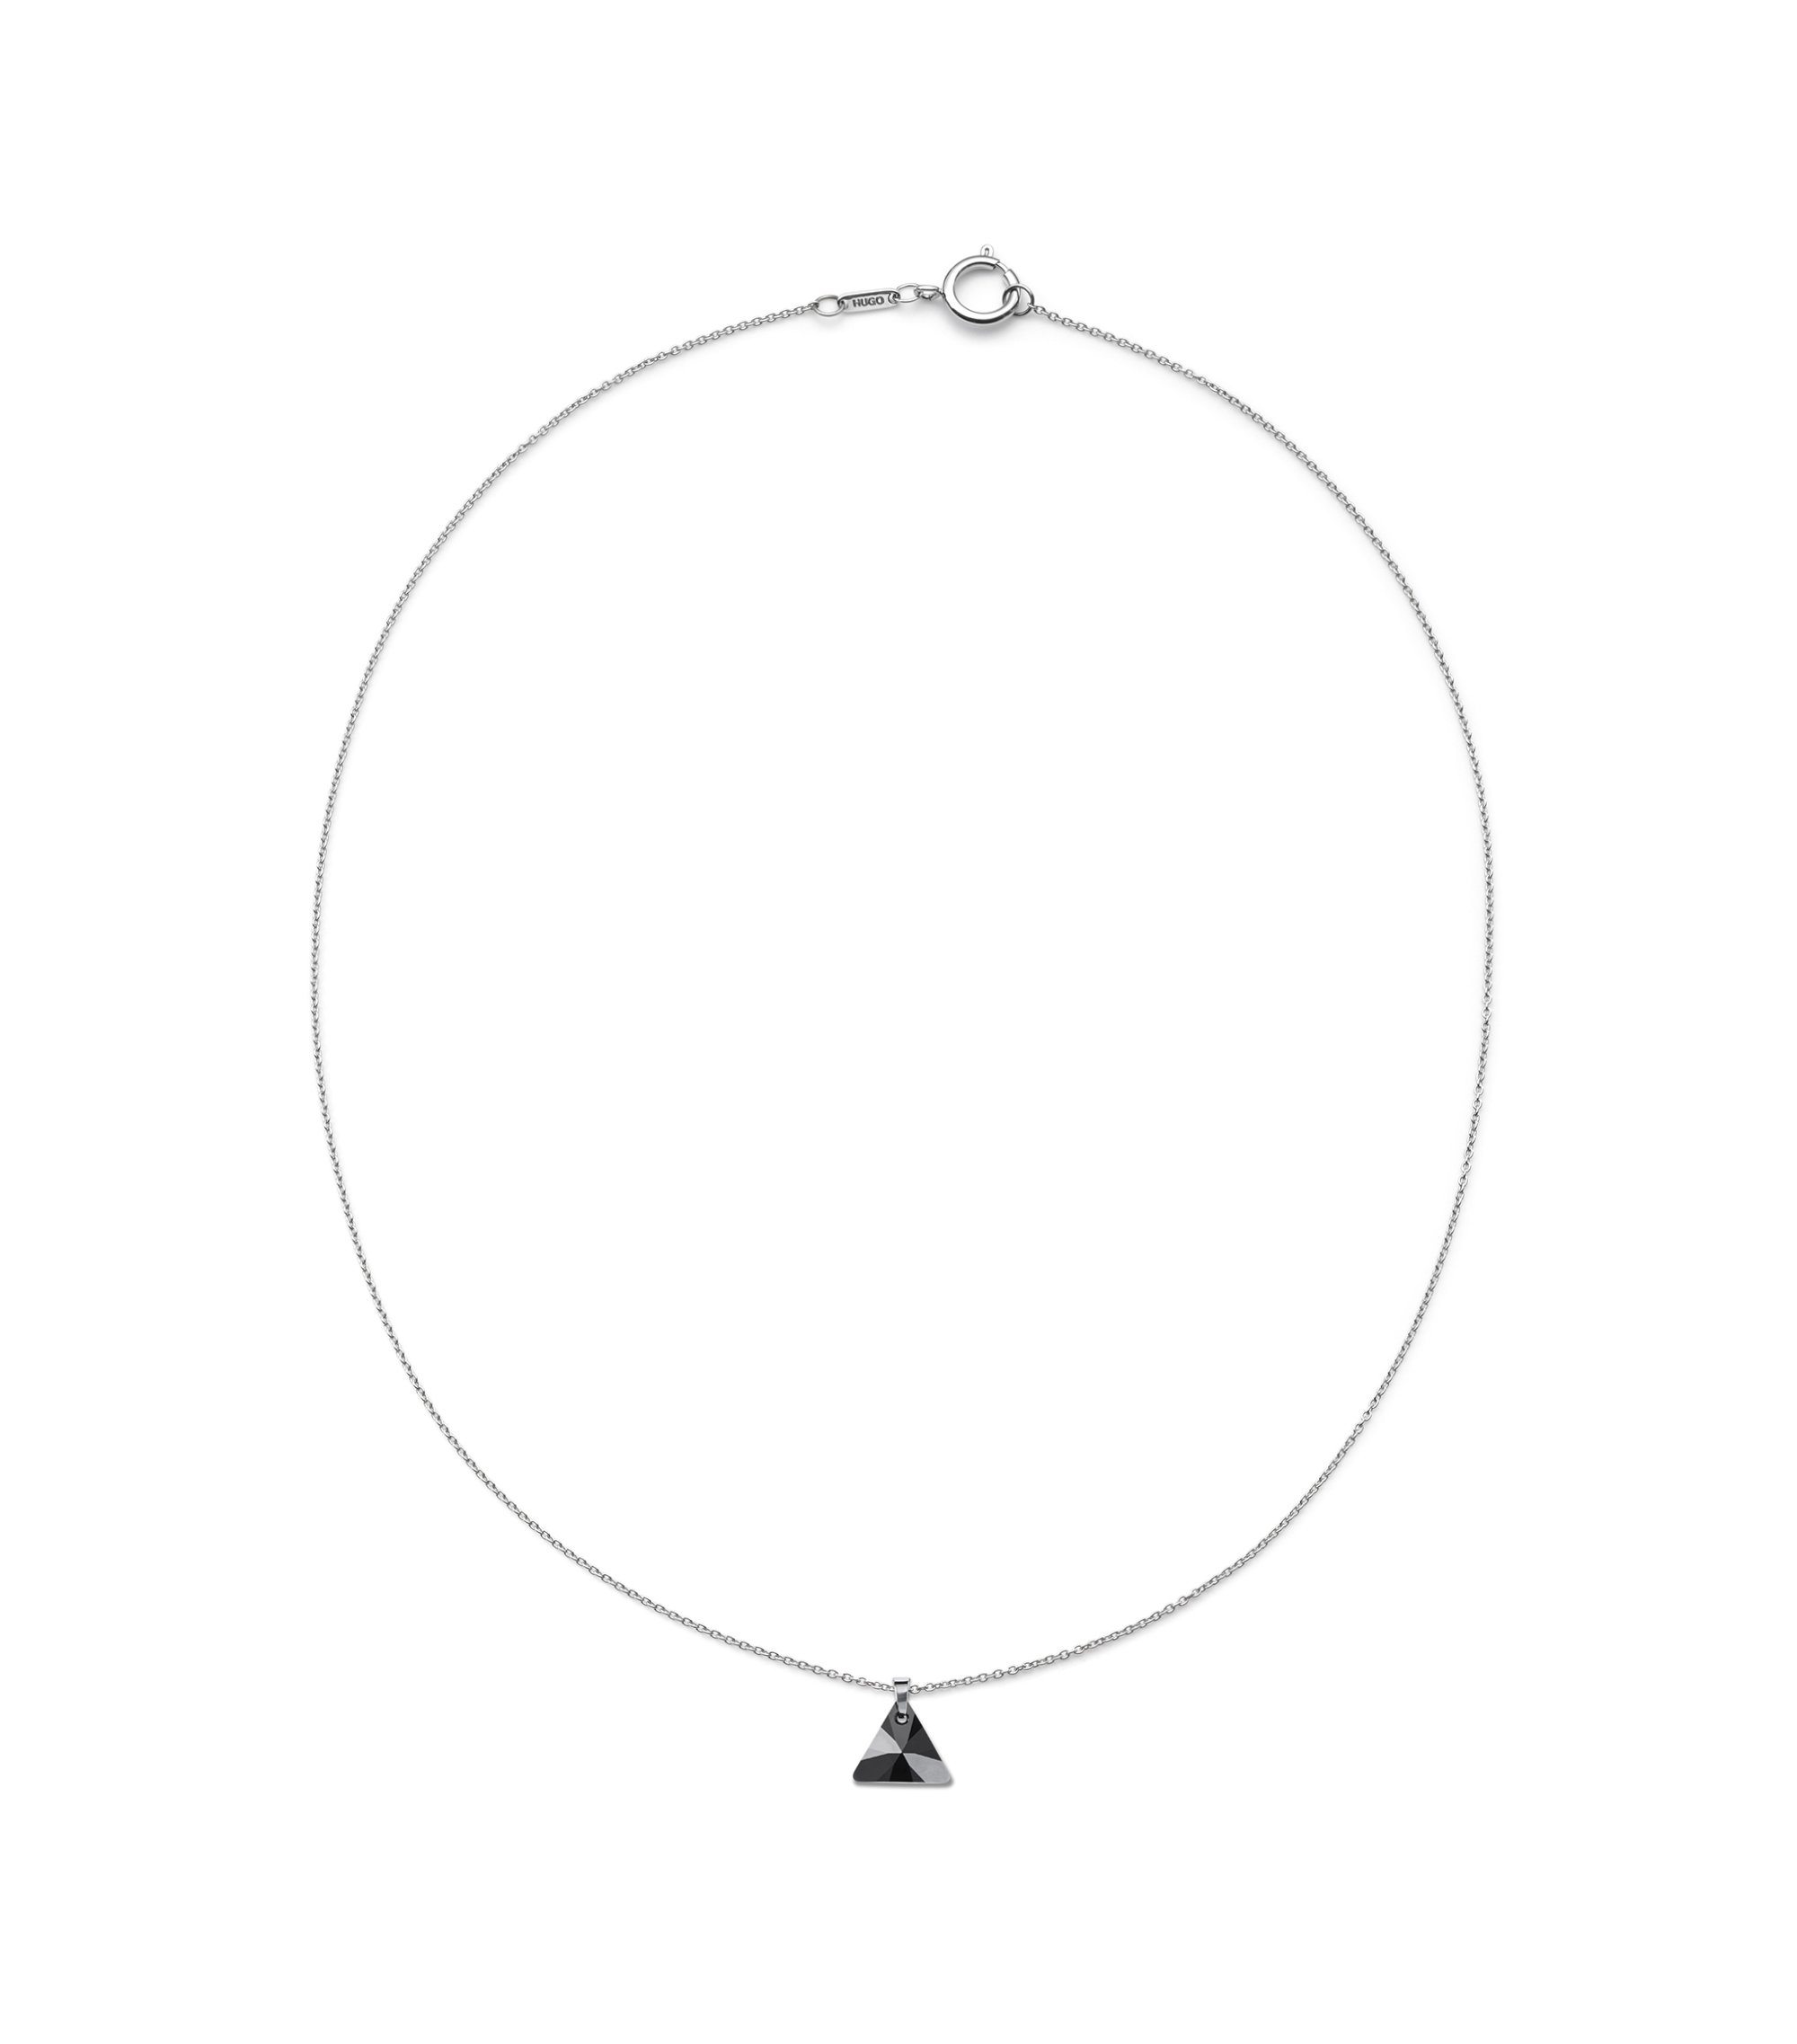 Halskette aus Edelstahl mit Glas-Anhänger, Silber